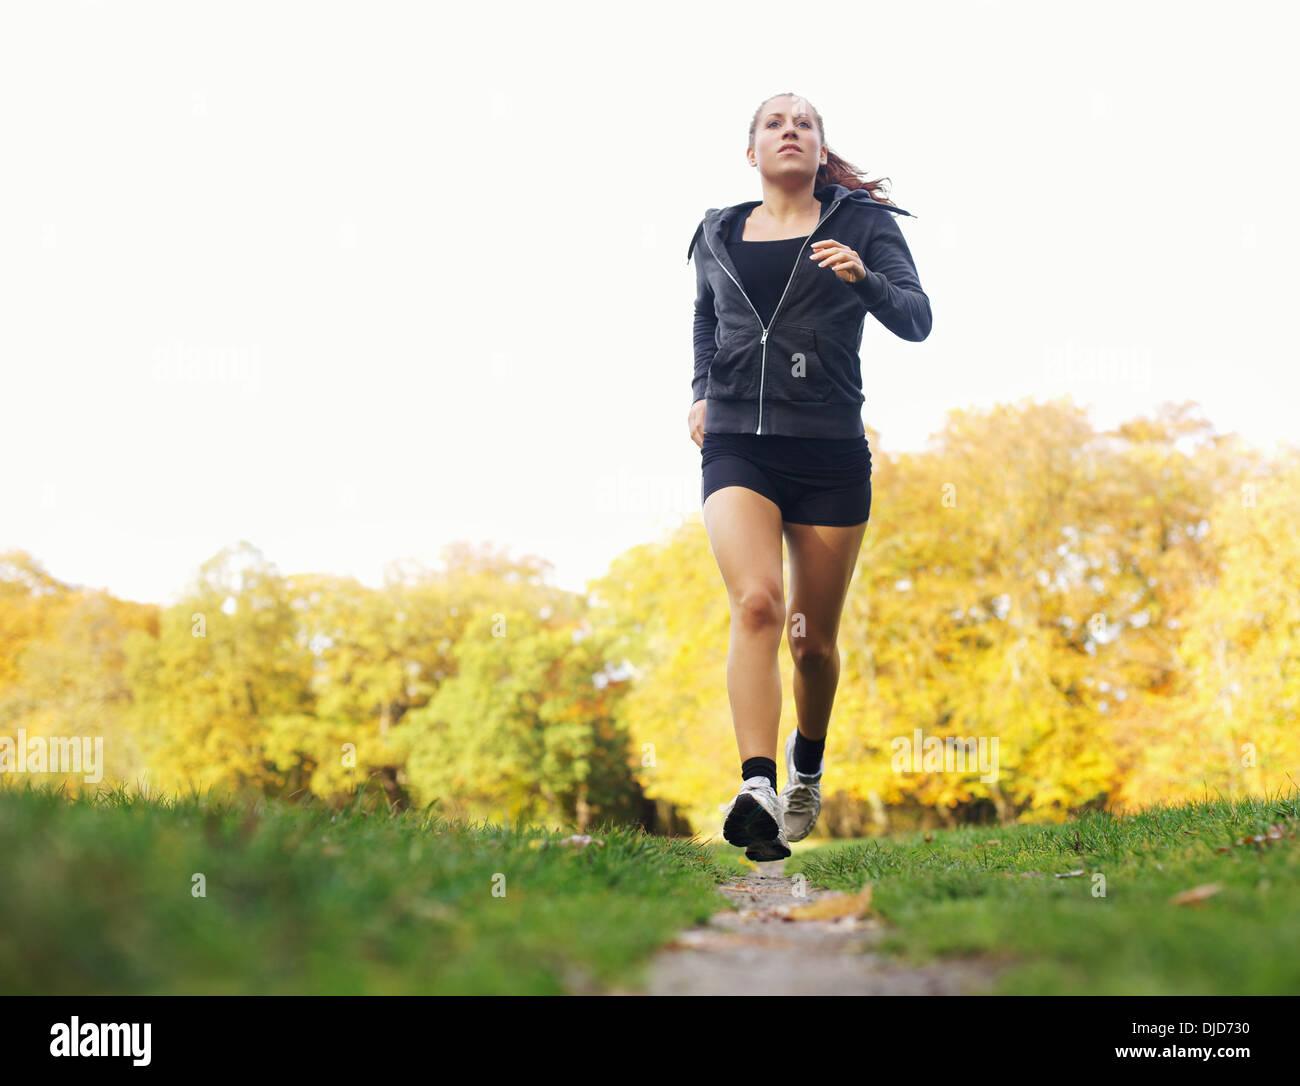 Longueur totale de droit d'une jeune femme jogging en parc. Athlète féminine caucasienne runner d'exécution. La formation de remise en forme dans la nature. Photo Stock